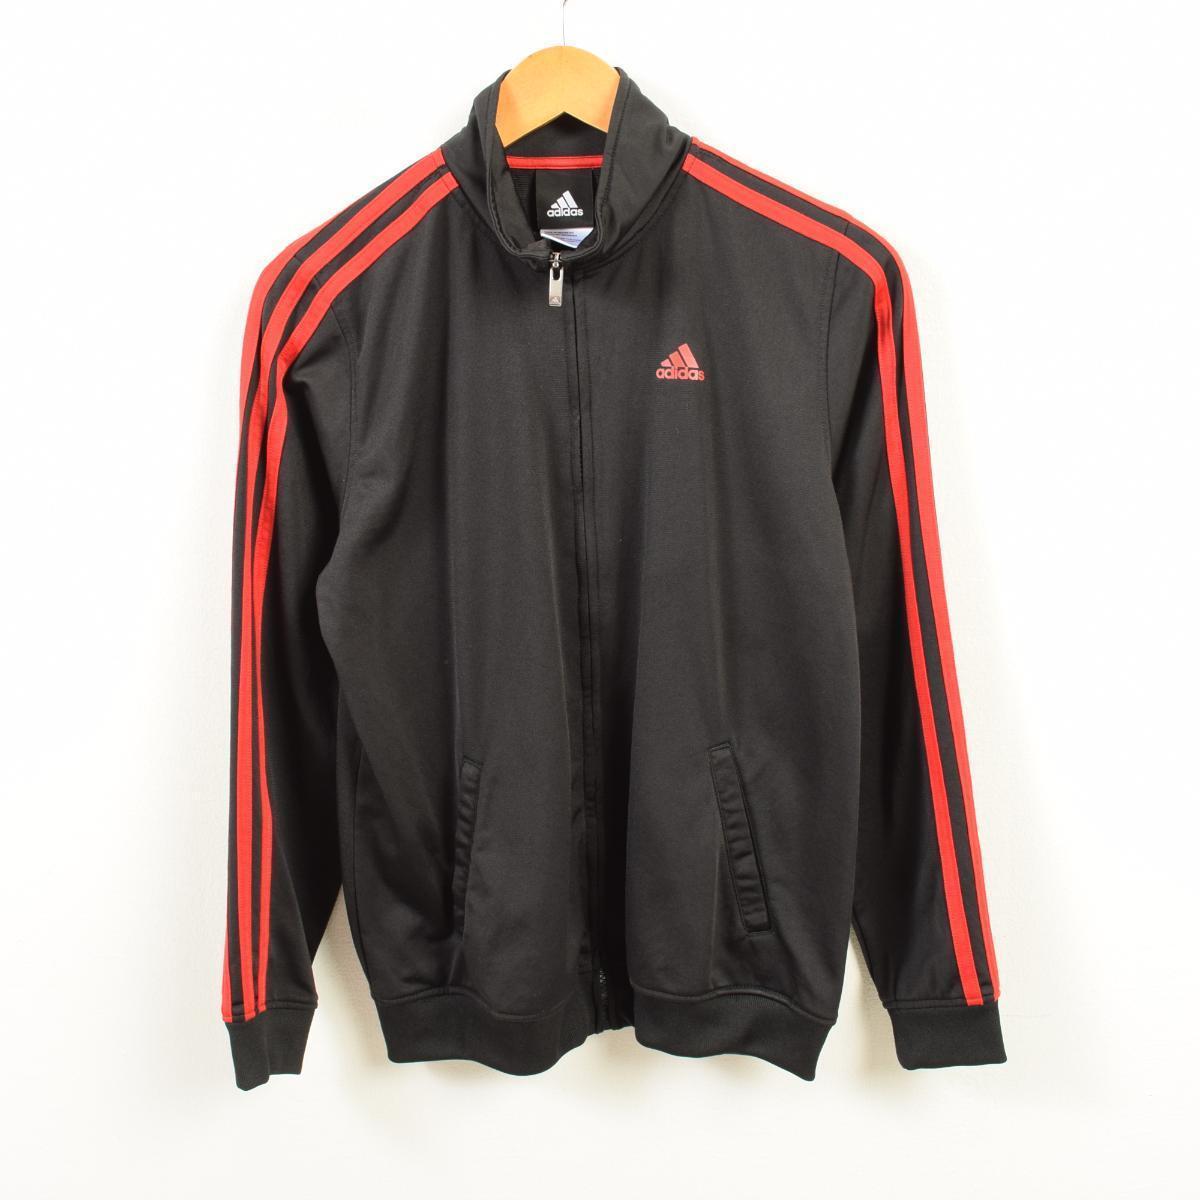 af733a5f0 Adidas adidas jersey truck jacket Lady's L /wau5181